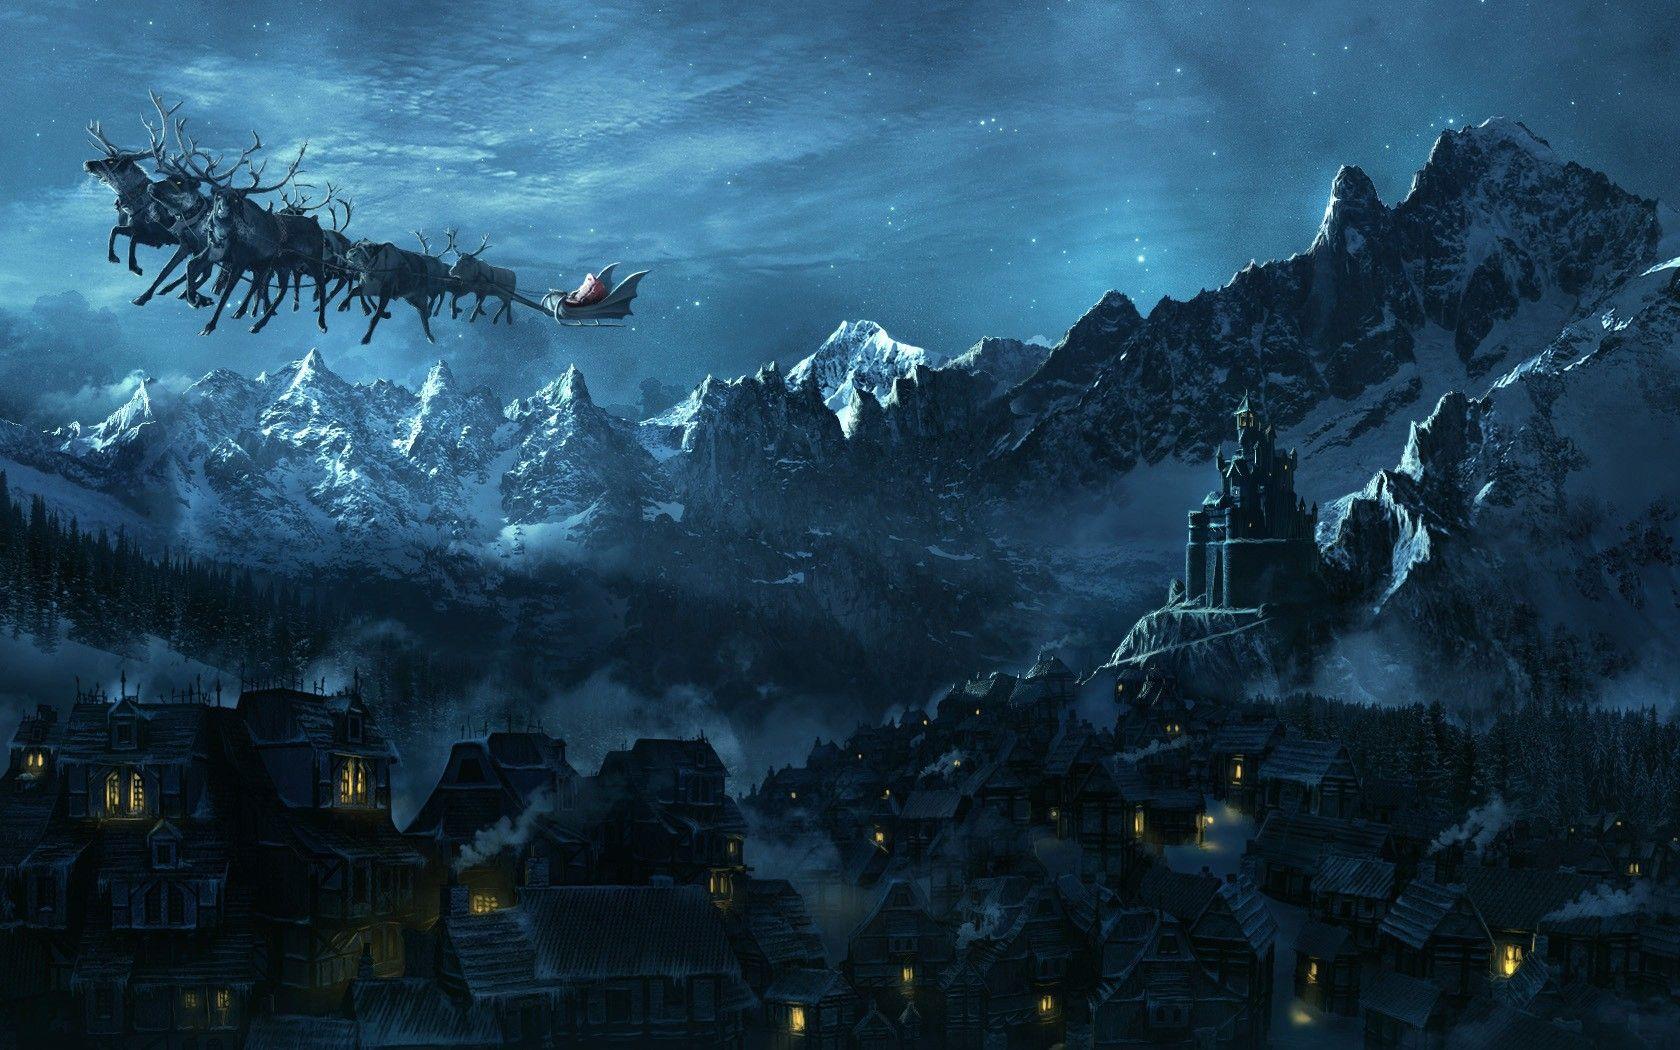 general 1680x1050 christmas santa claus landscape fantasy art castle